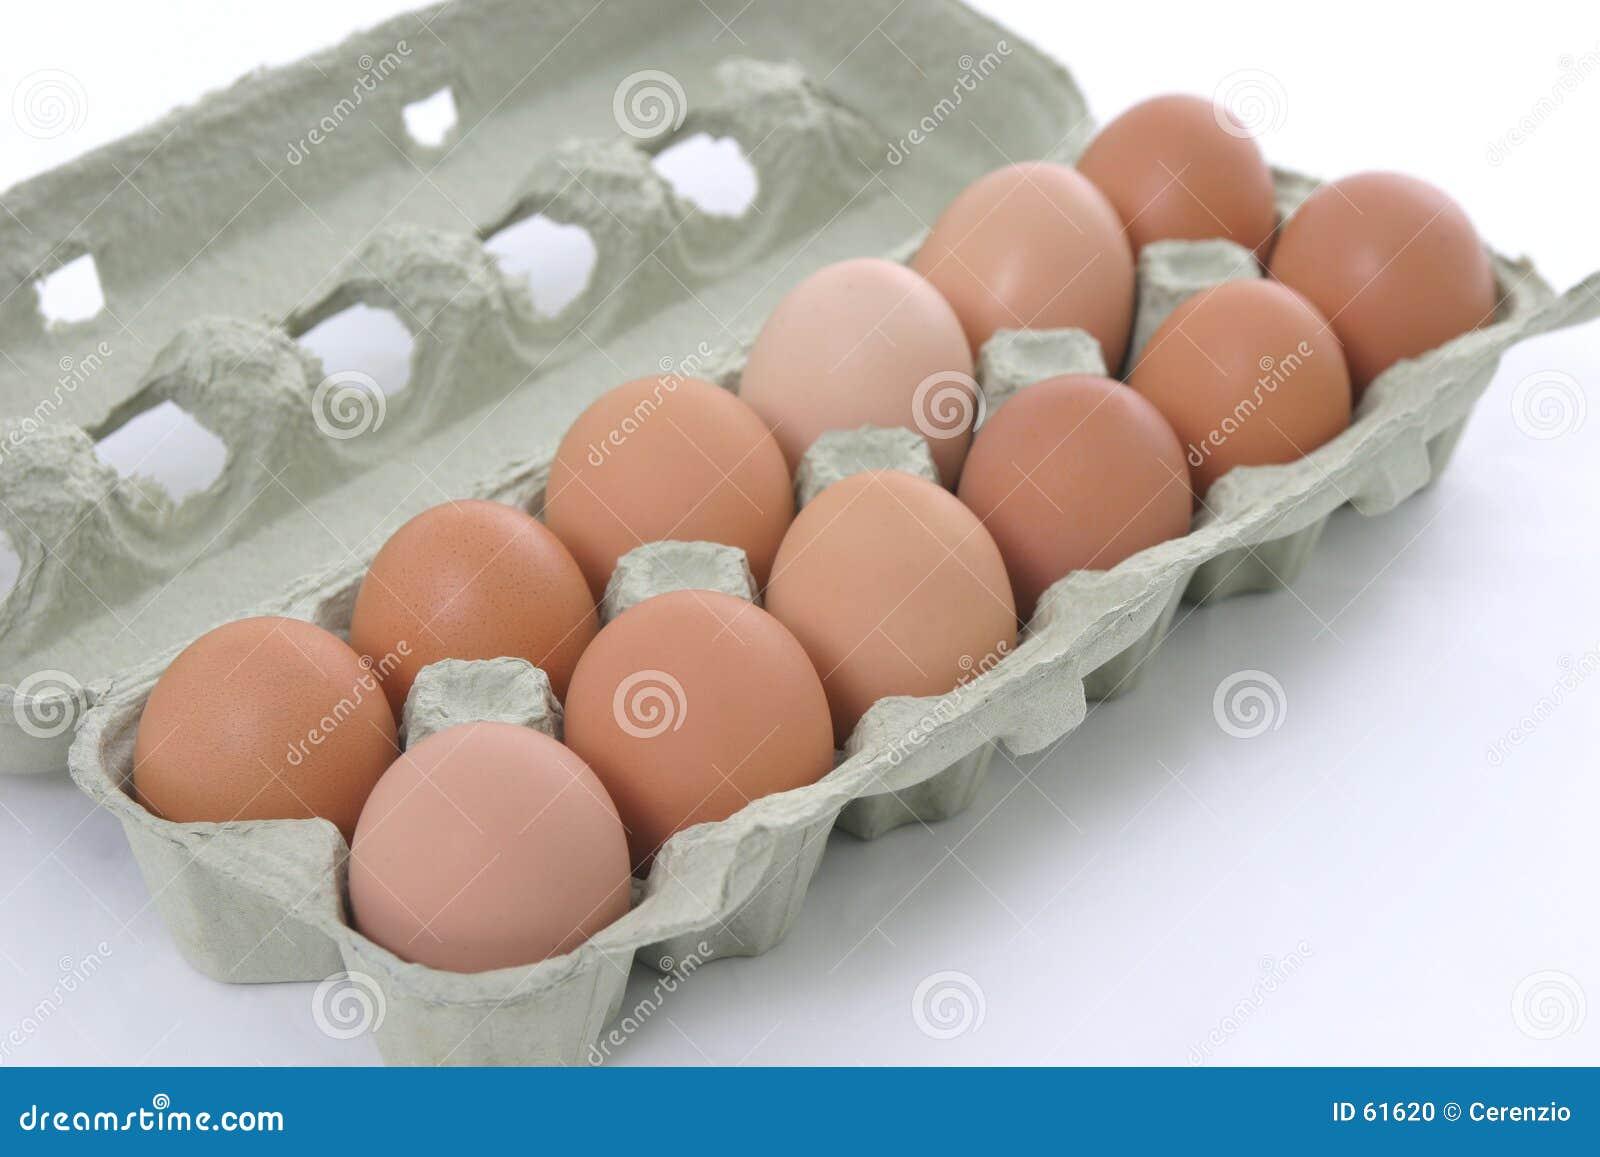 Download Oeufs normaux photo stock. Image du ferme, douze, poulets - 61620